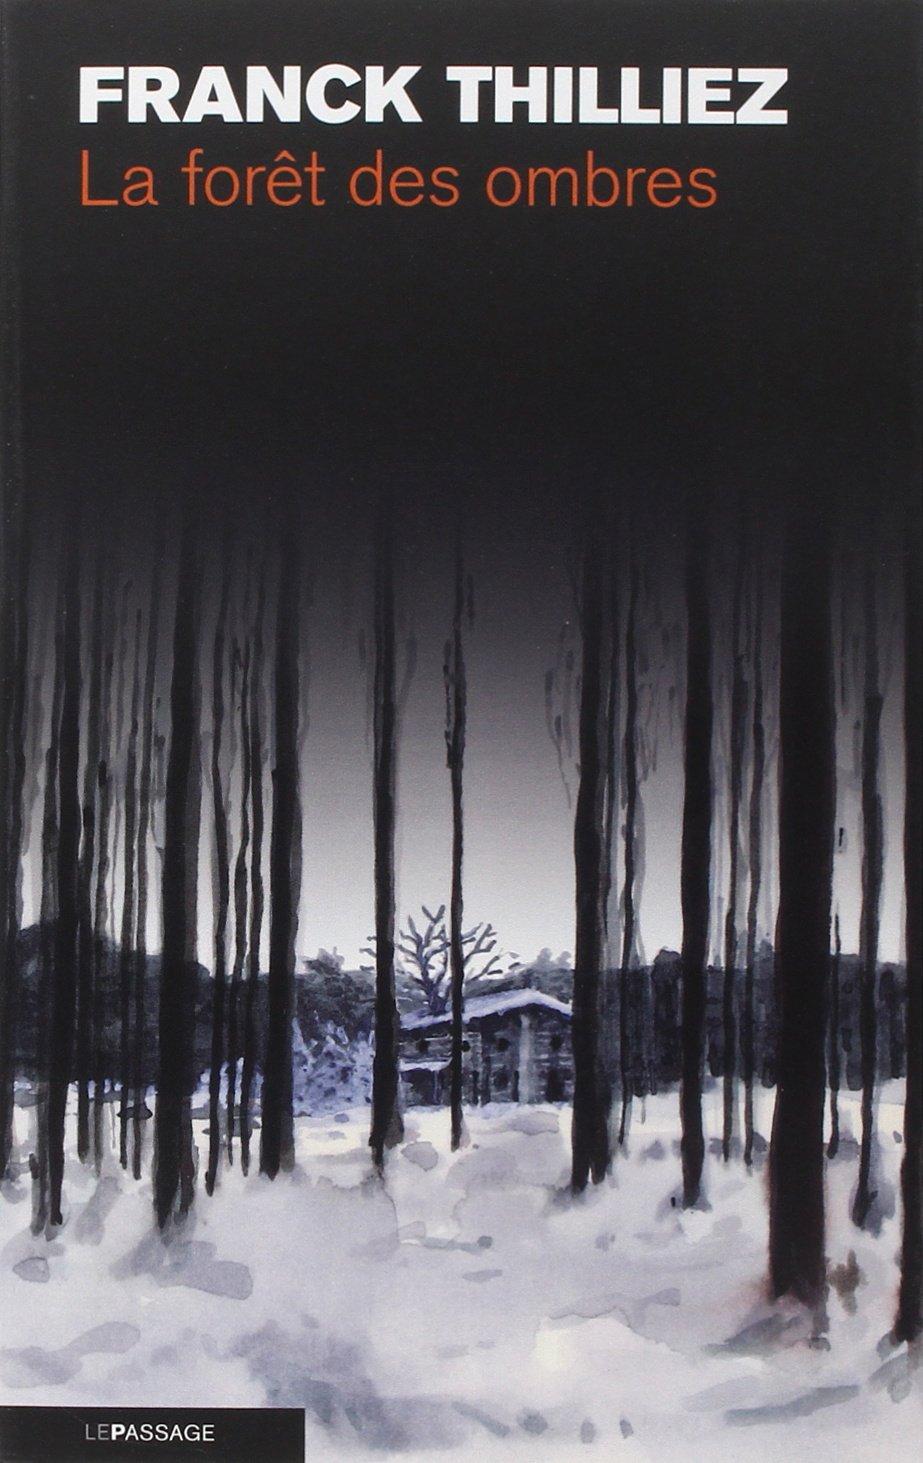 La forêt des ombres Broché – 24 août 2006 Franck Thilliez Passage 2847420916 Thriller